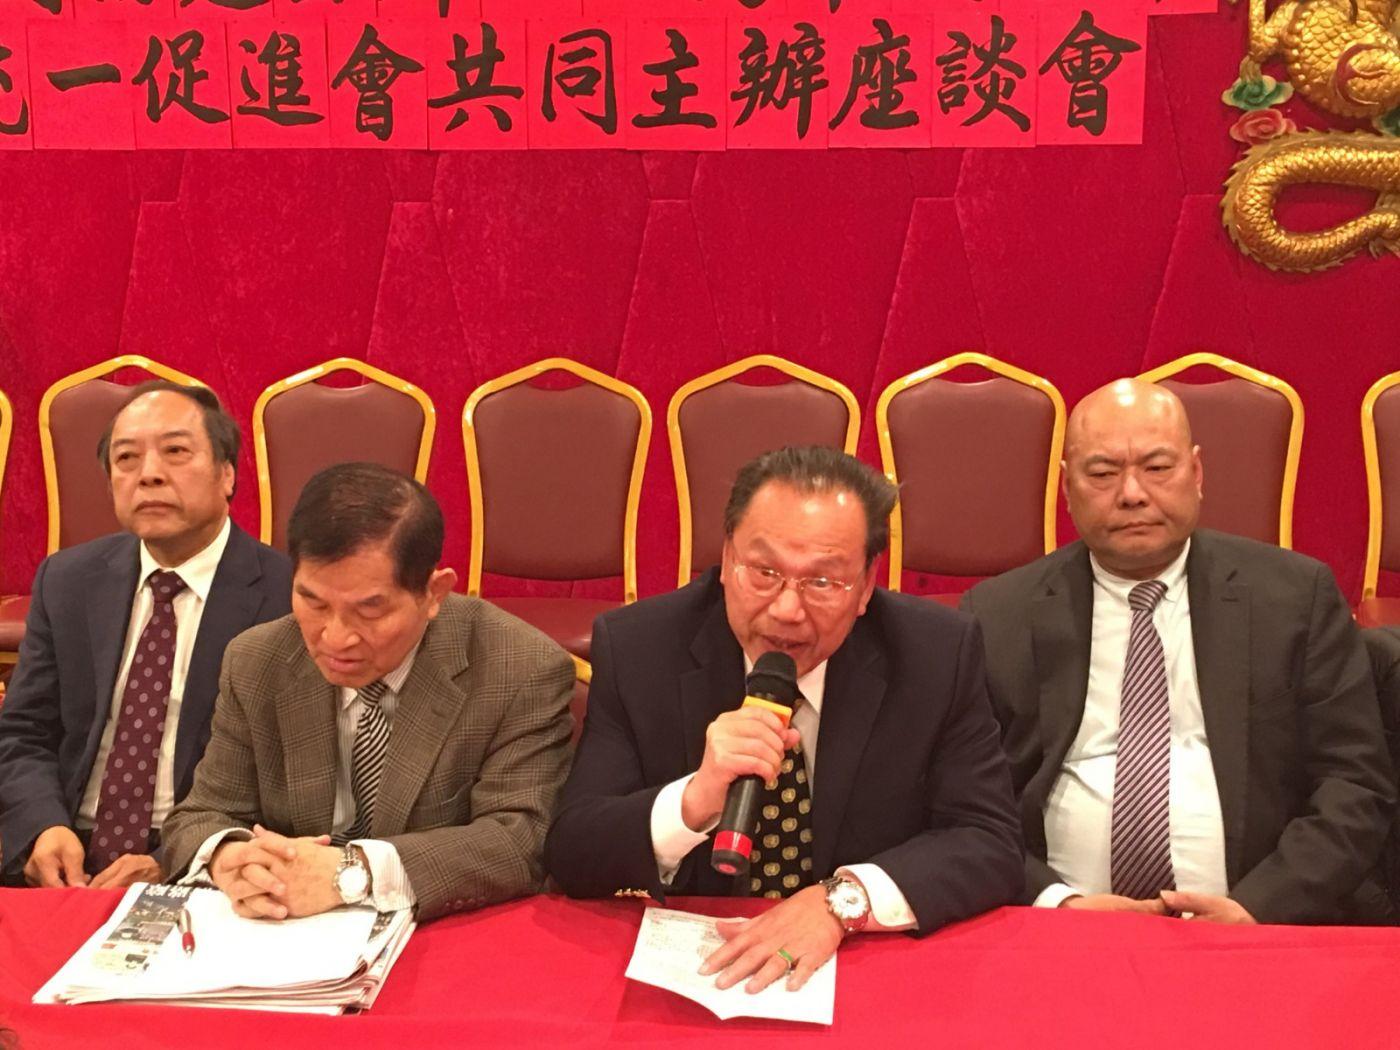 紐約華人華僑維護香港穩定繁榮座談會在紐約舉行_图1-12